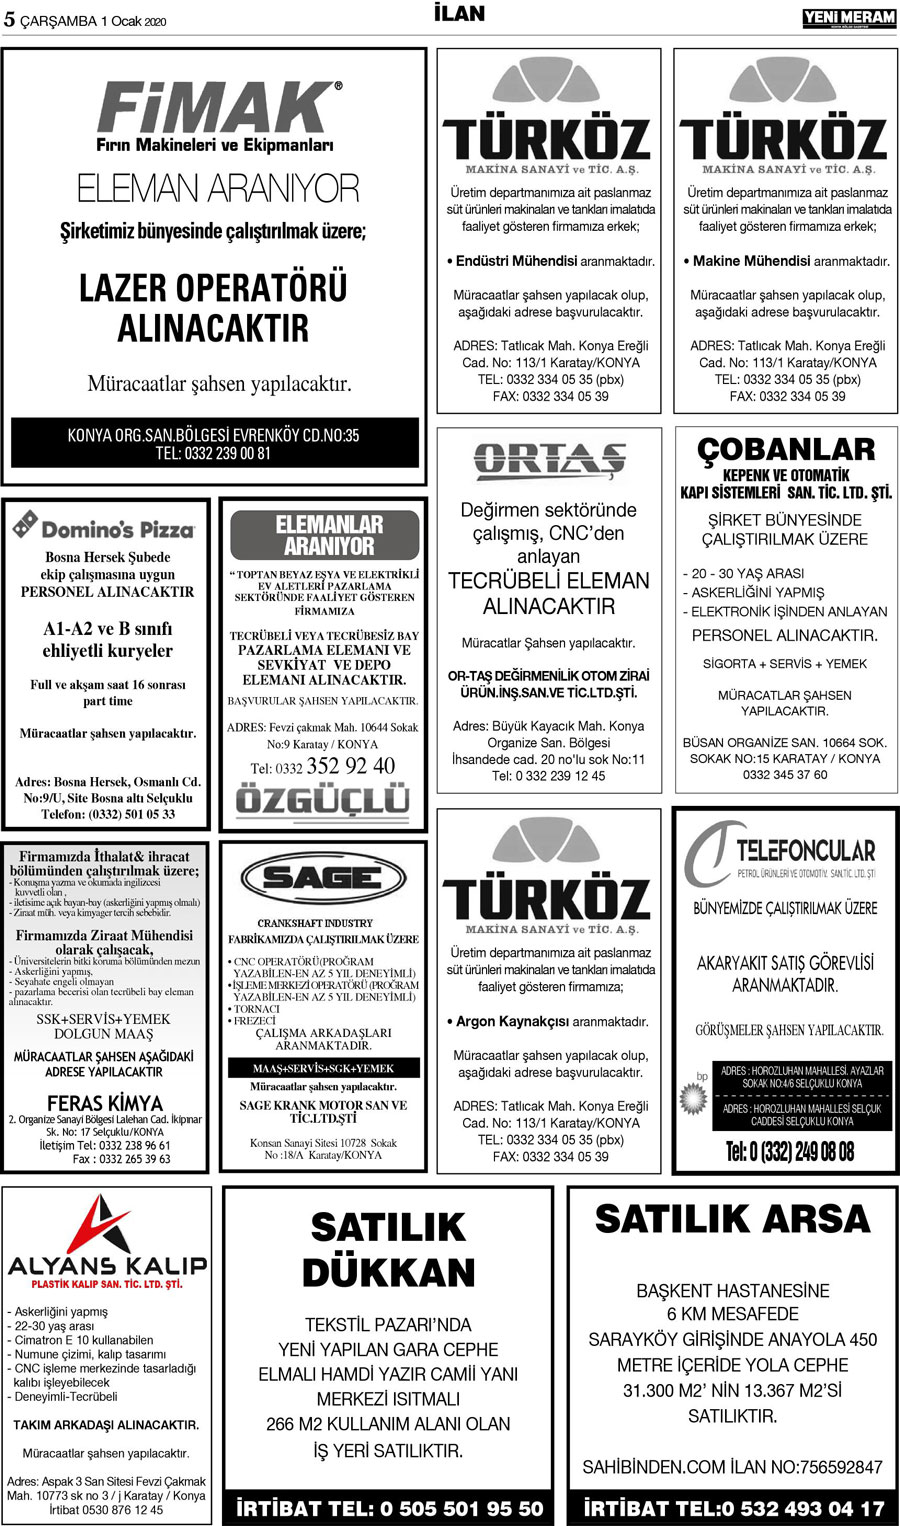 1 Ocak 2020 Yeni Meram Gazetesi